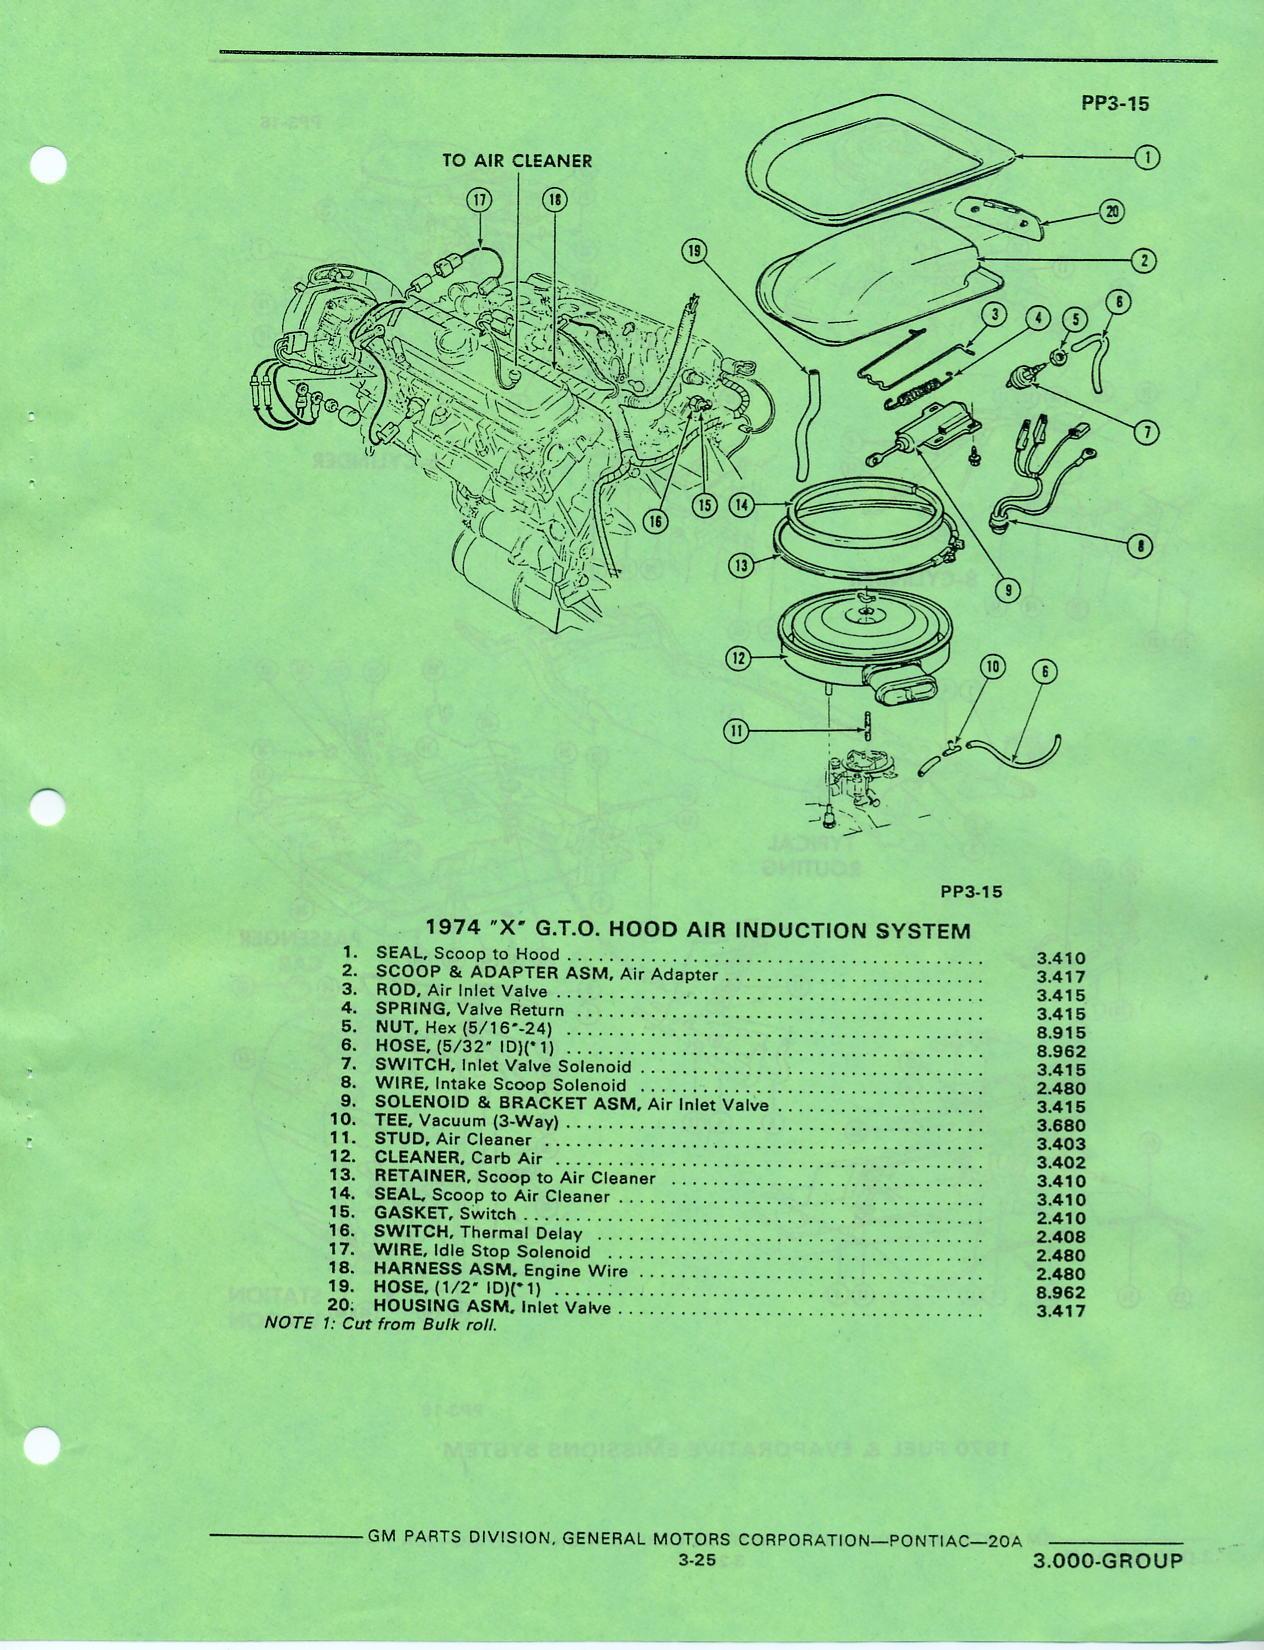 Main. Hood Scoop Air Door Wiring Diagram. Wiring. Gto 502 Wiring Diagram At Scoala.co